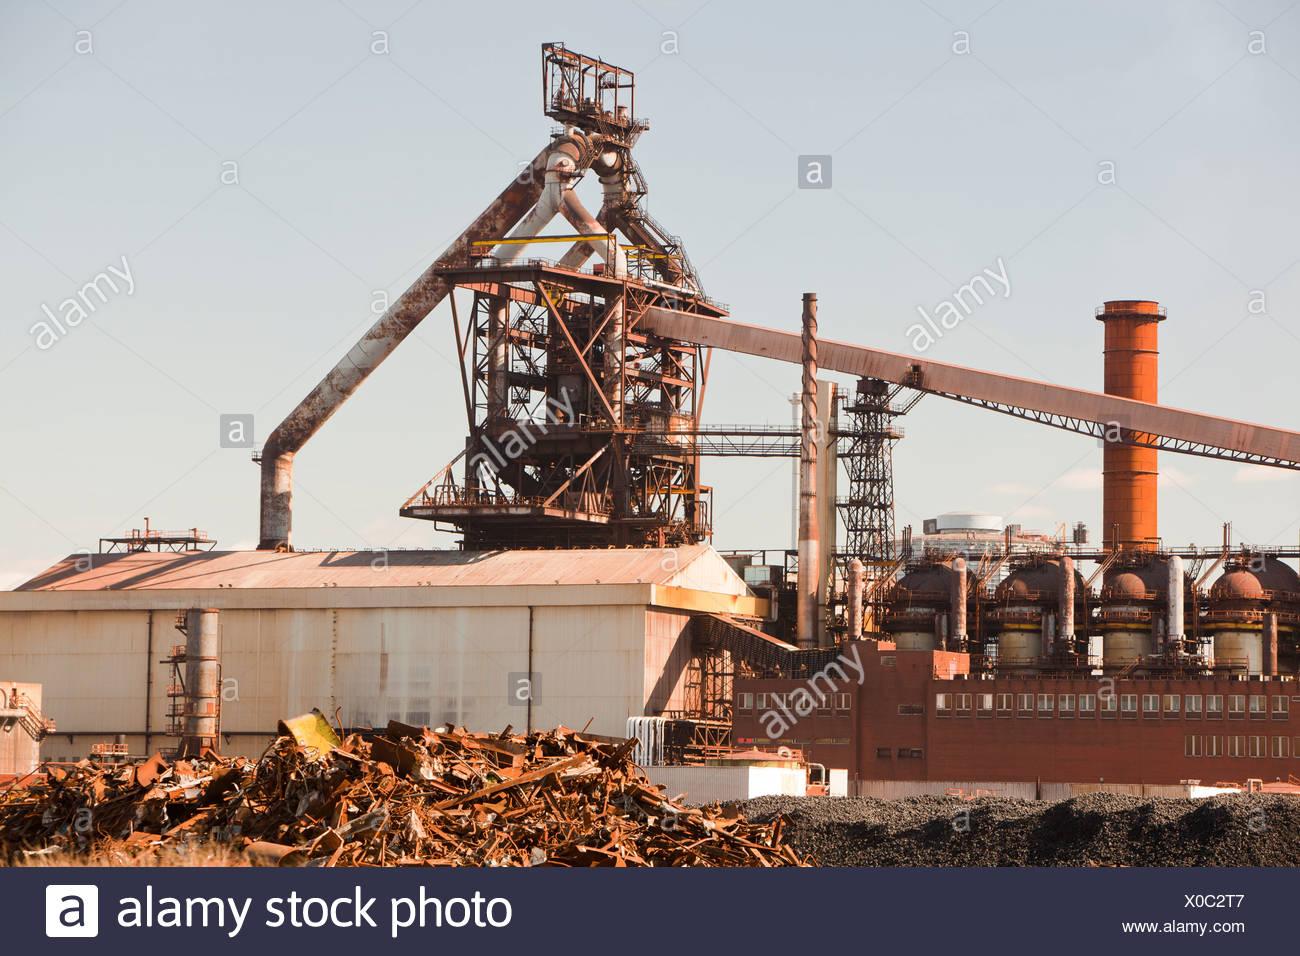 Redcar steel works, Teeside, UK. Stock Photo